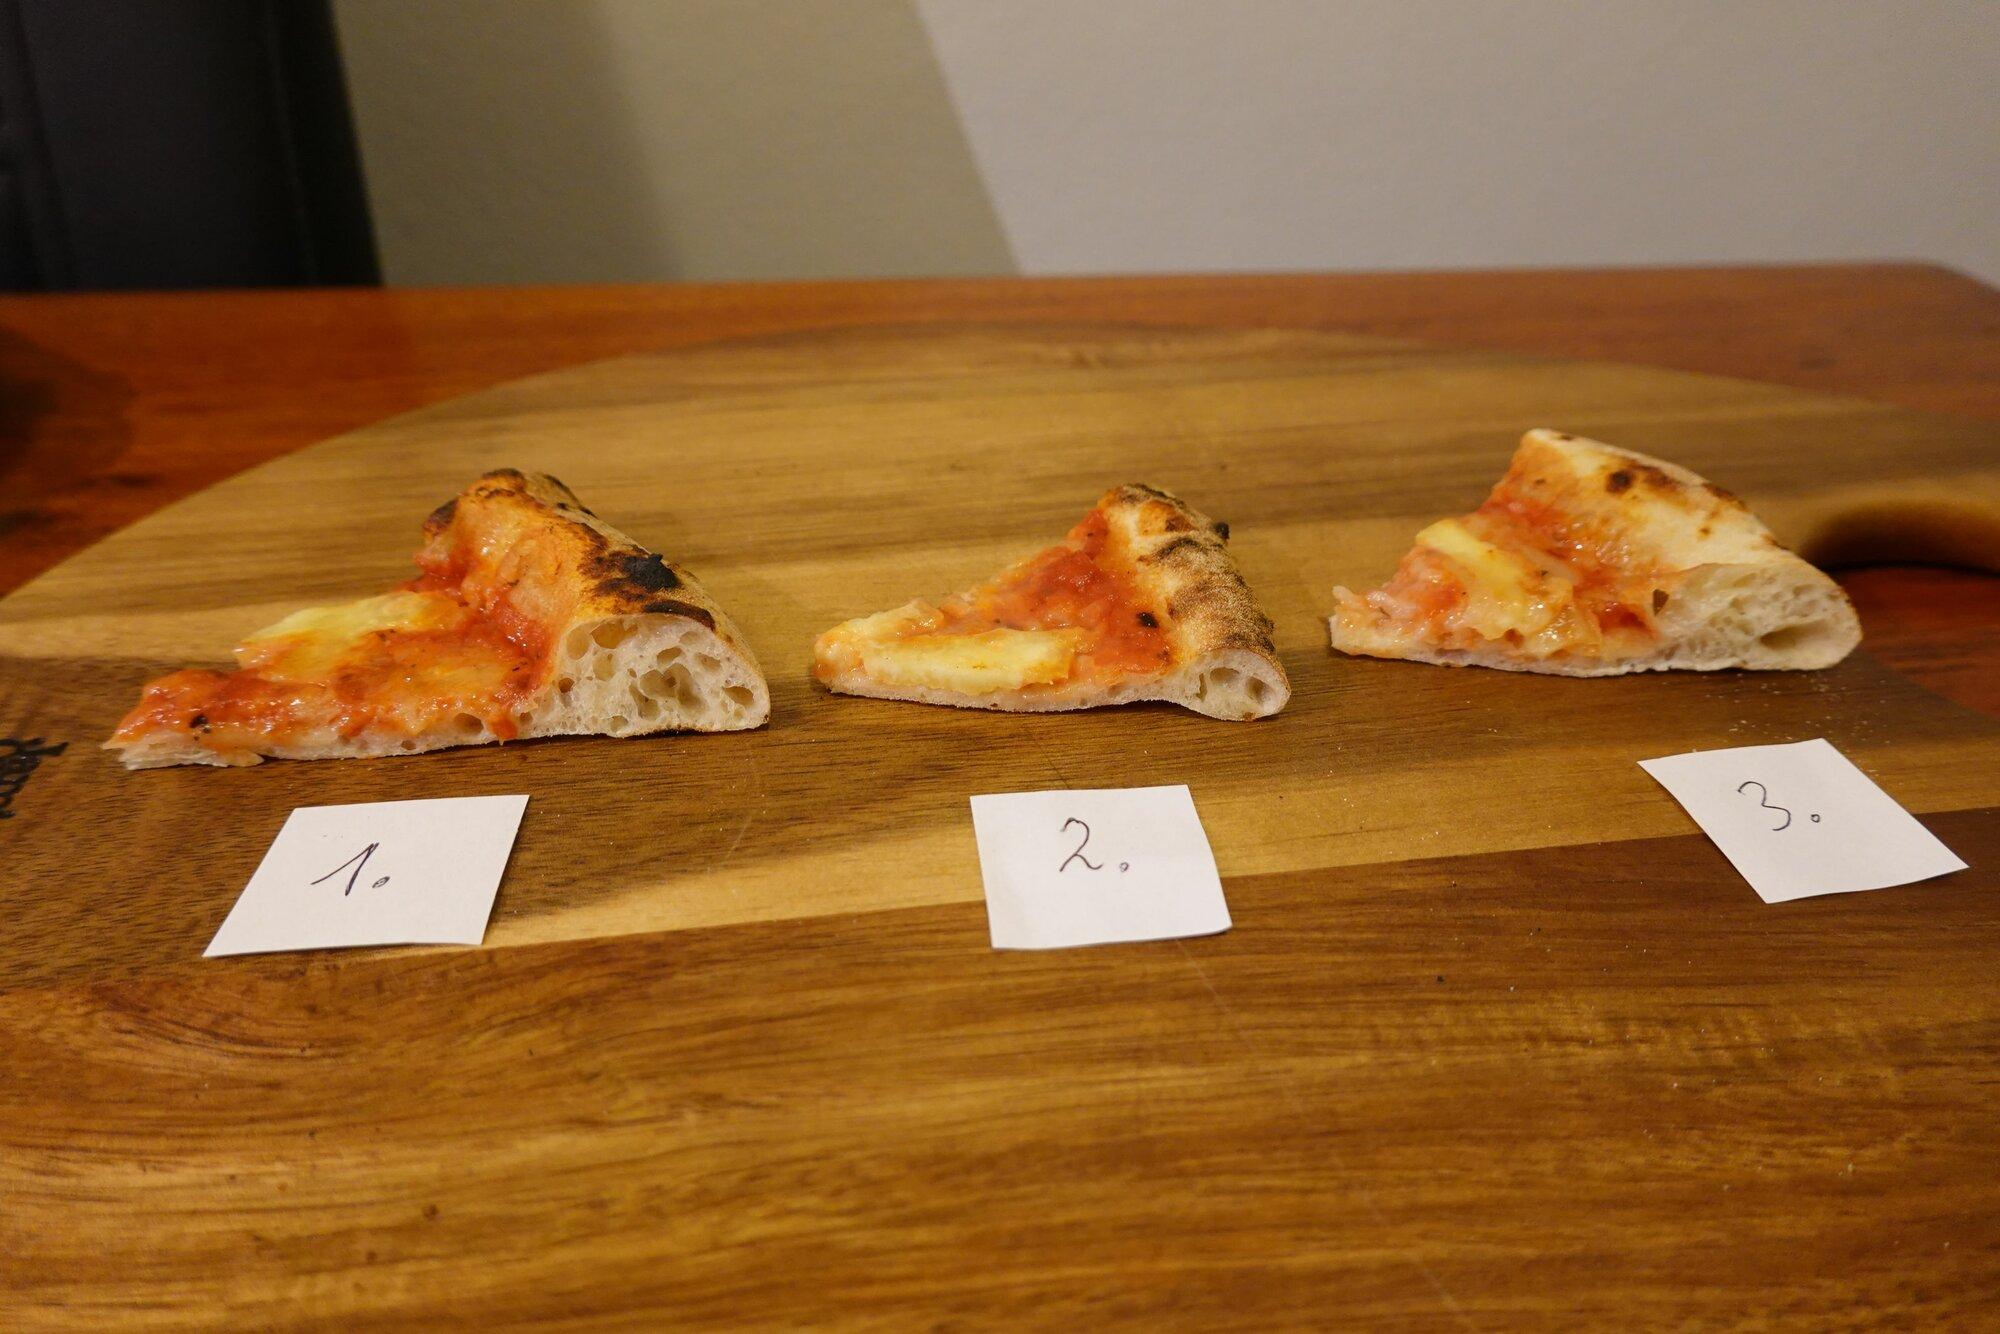 2020-08-30 Pizzateigtest Frischhefe & Trockenhefe_042.jpg